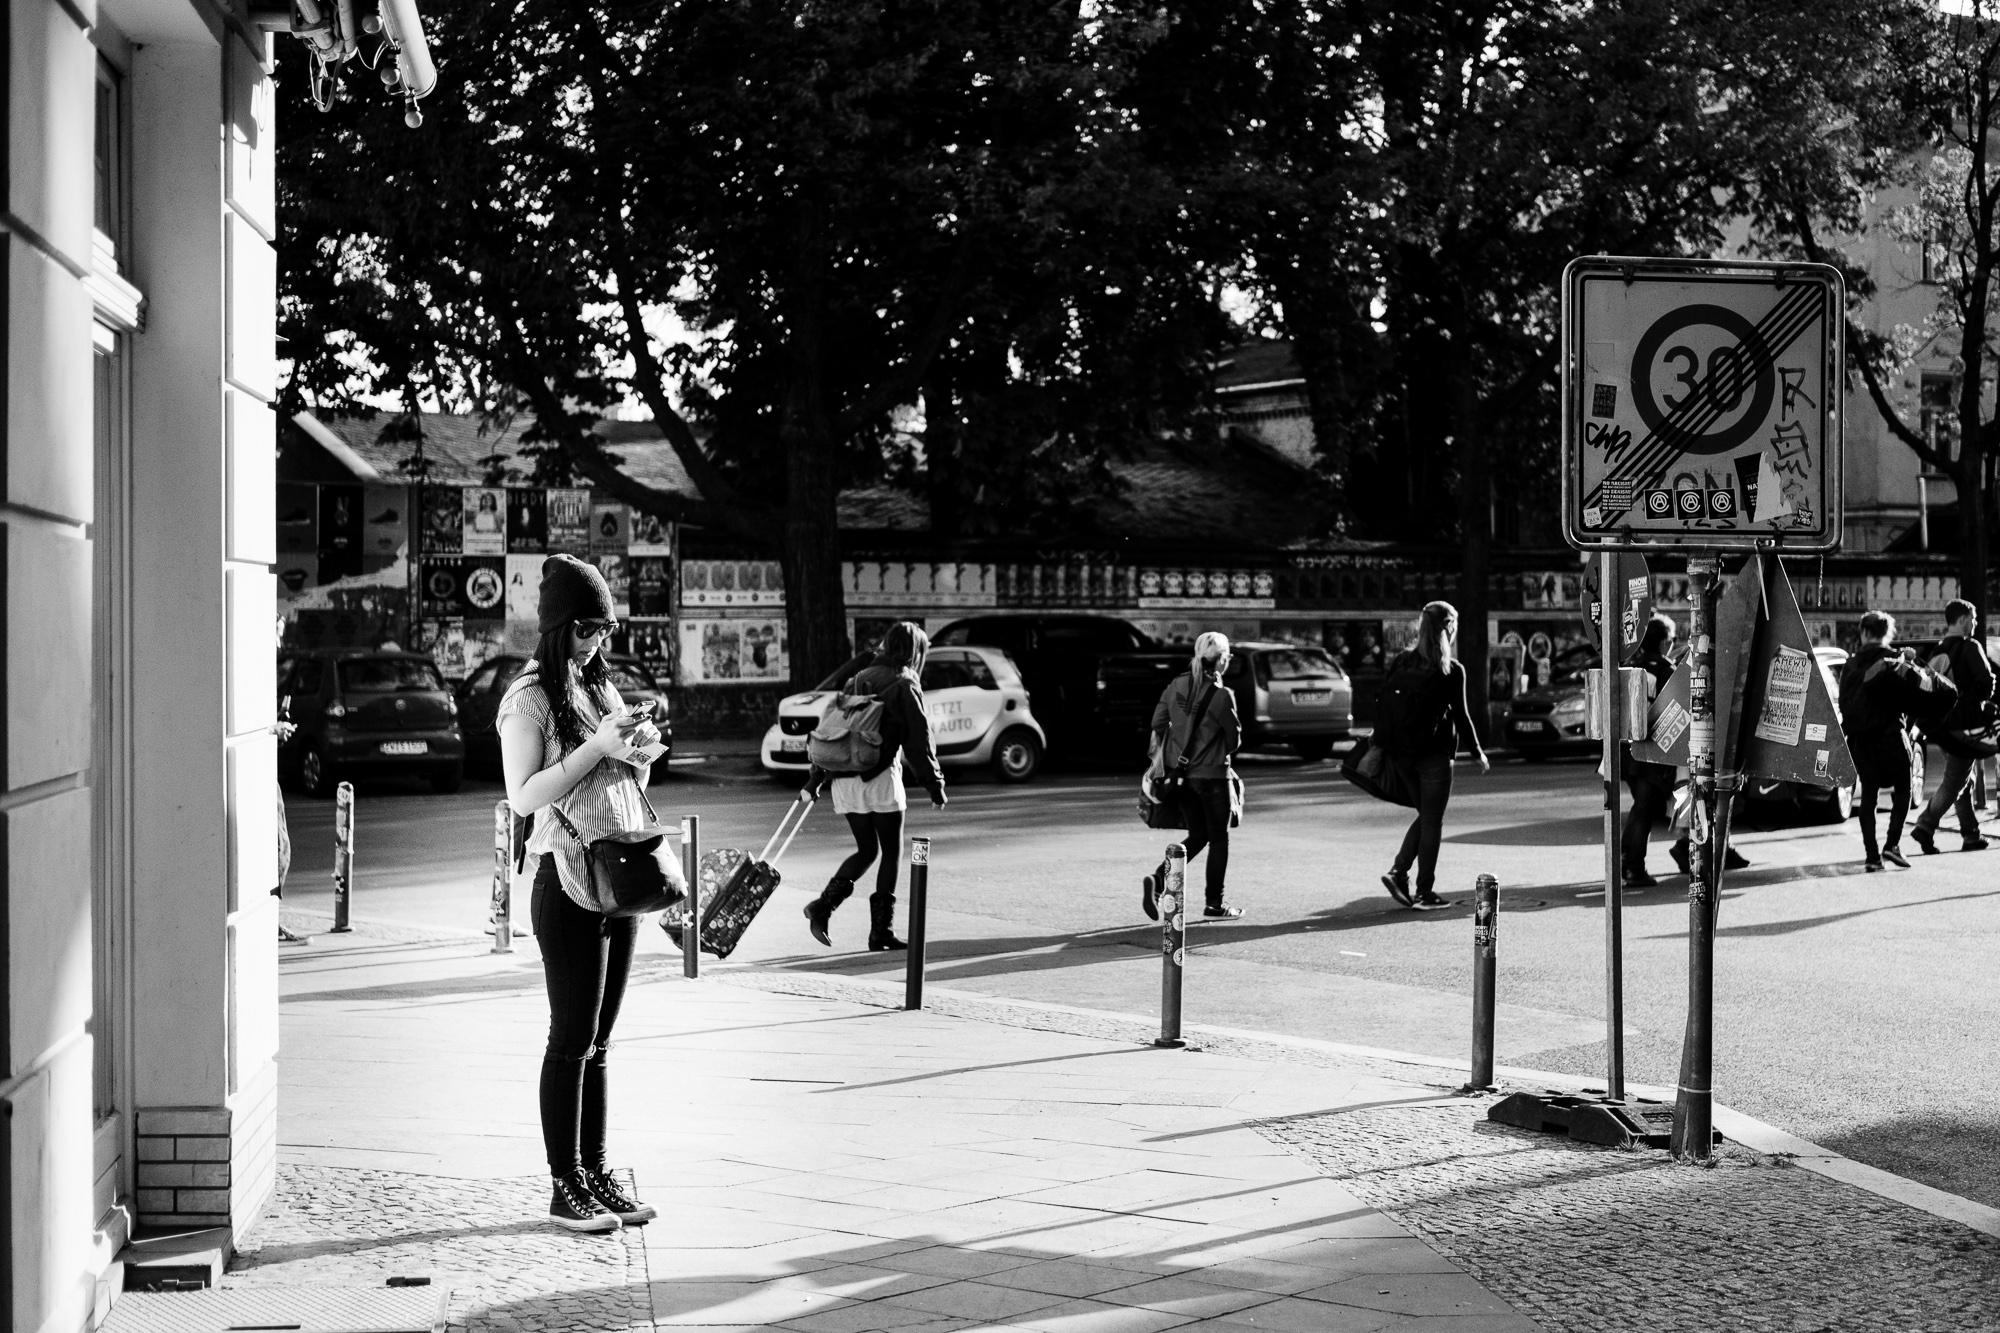 berlinstreet-20160505__3WK0208.jpg